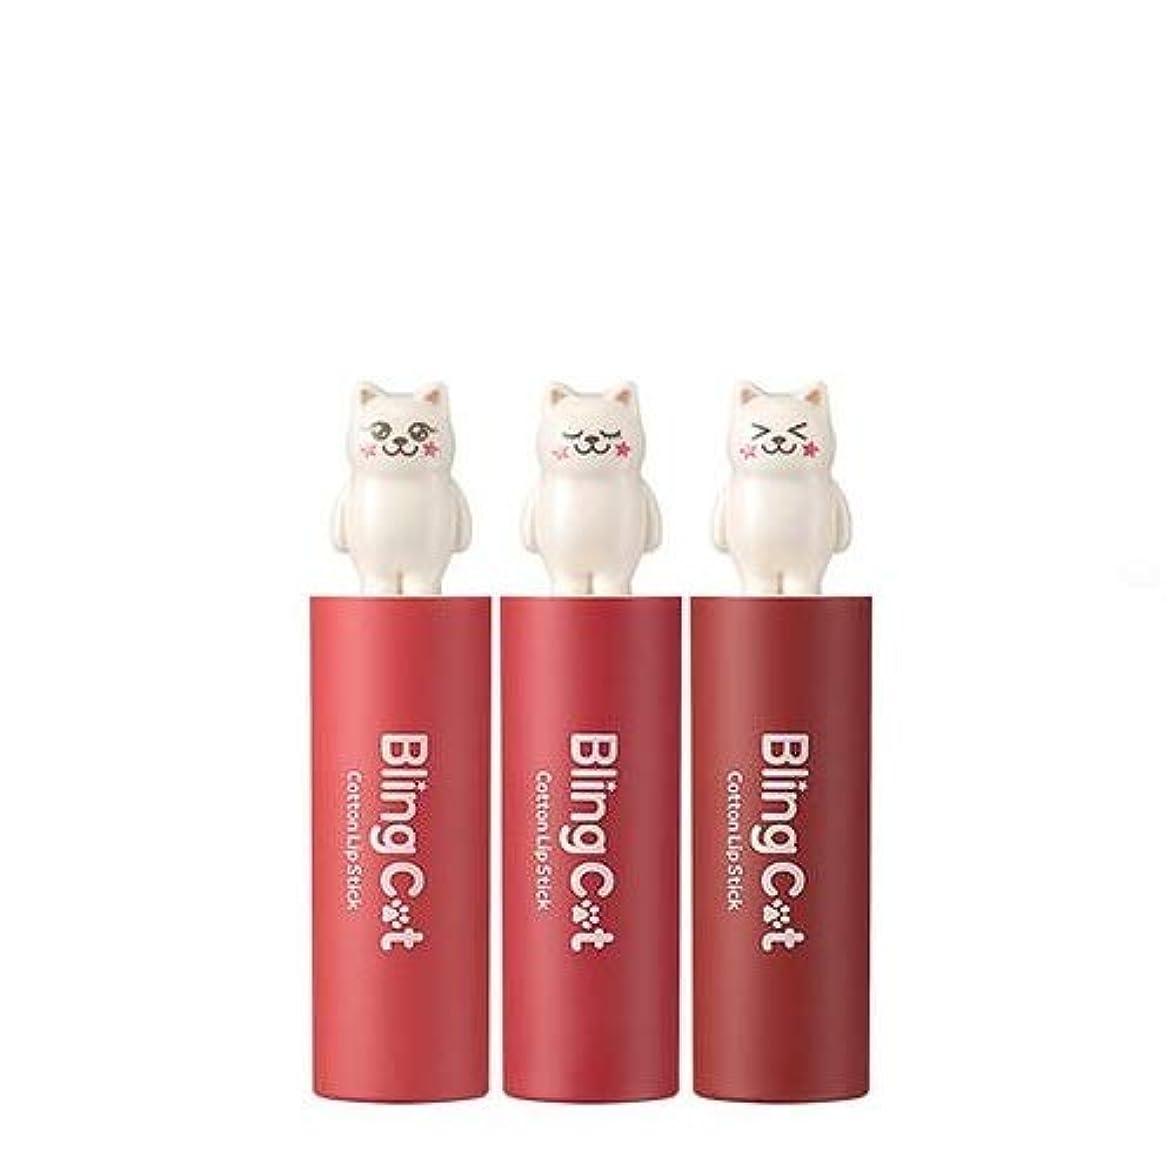 咳吸い込む器具トニーモリー ブリングキャット コットン リップスティック 3.4g / TONYMOLY Bling Cat Cotton Lipstick # 05. Orange Drop [並行輸入品]